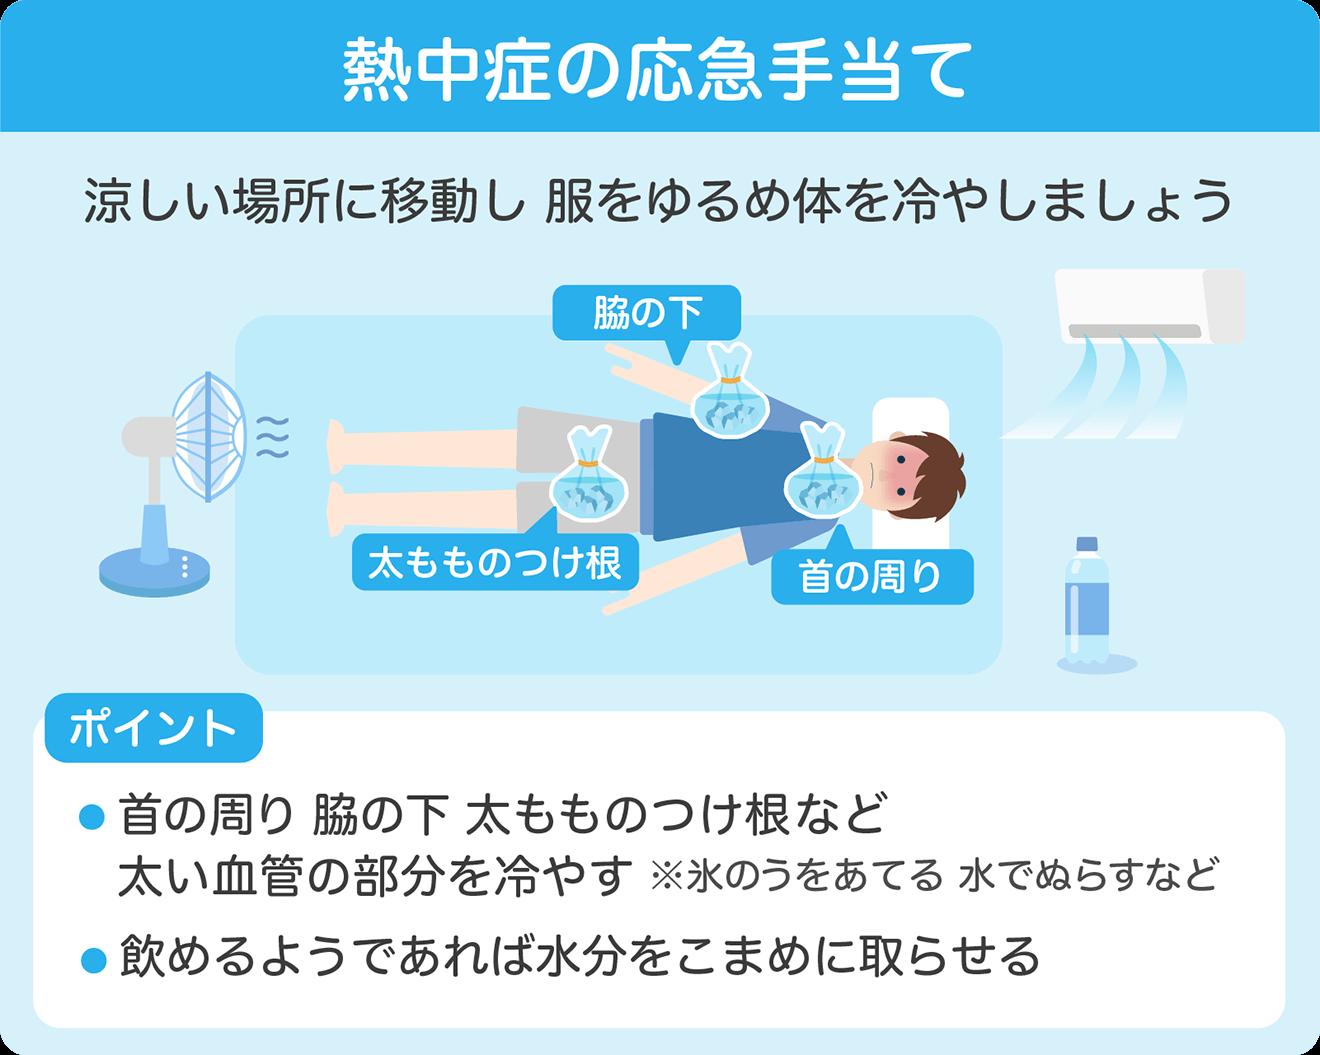 熱中症の応急手当て 涼しい場所に移動し、服をゆるめ体を冷やしましょう ポイント 首の周り脇の下、太もものつけ根など太い血管部分を冷やす 飲めるようであれば水分をこまめに取らせる